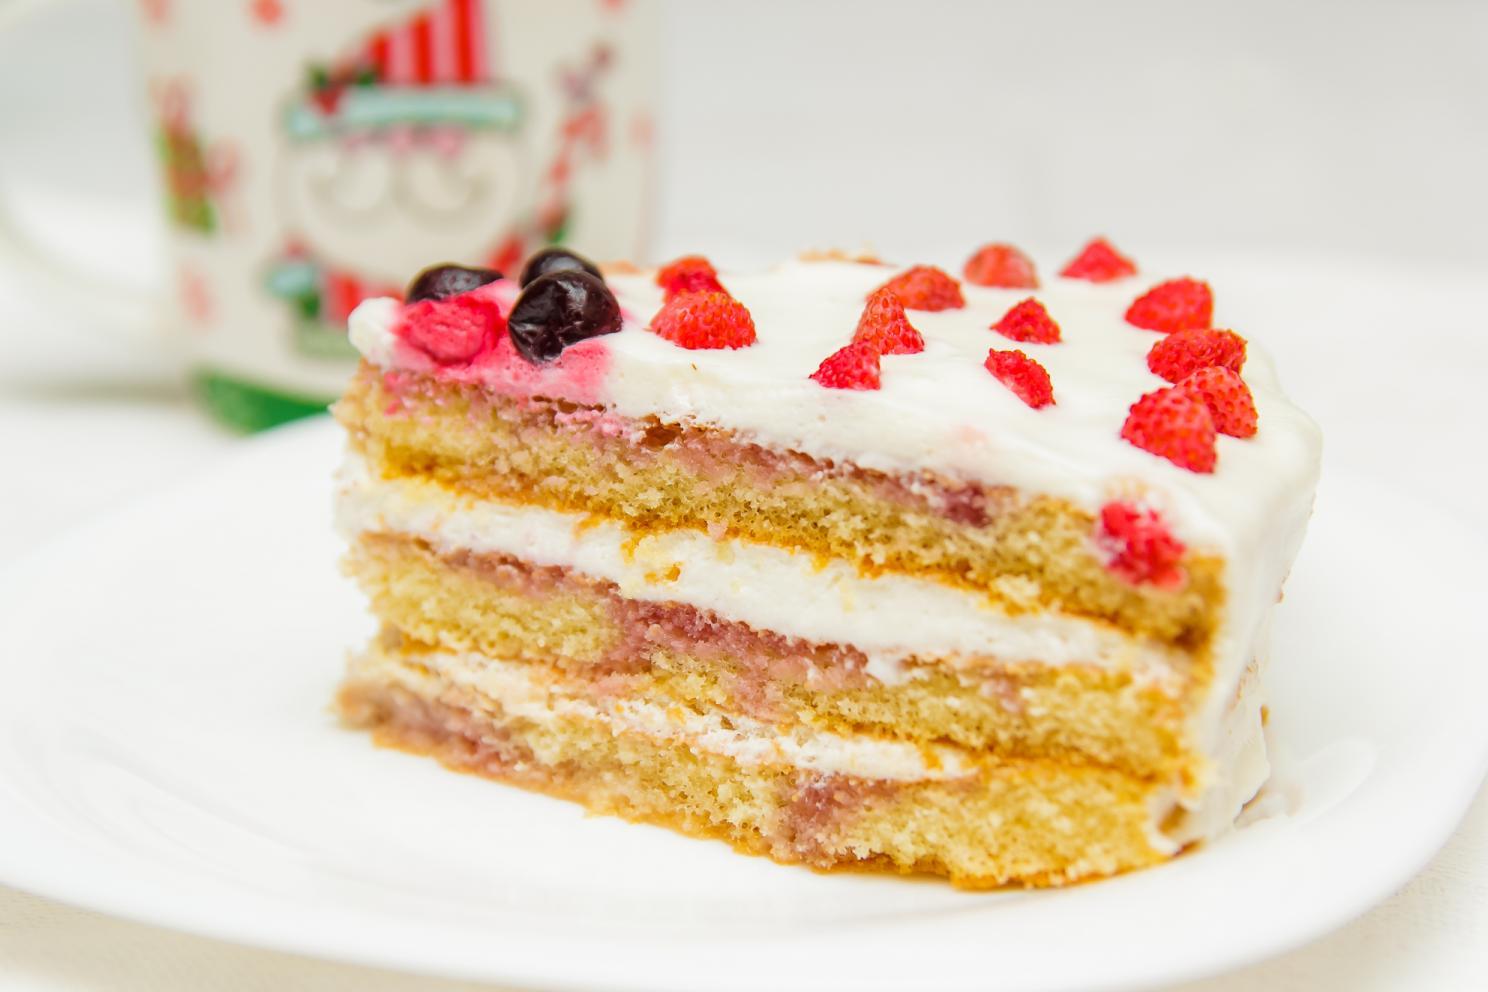 Как сделать бисквитный торт из готовых коржей